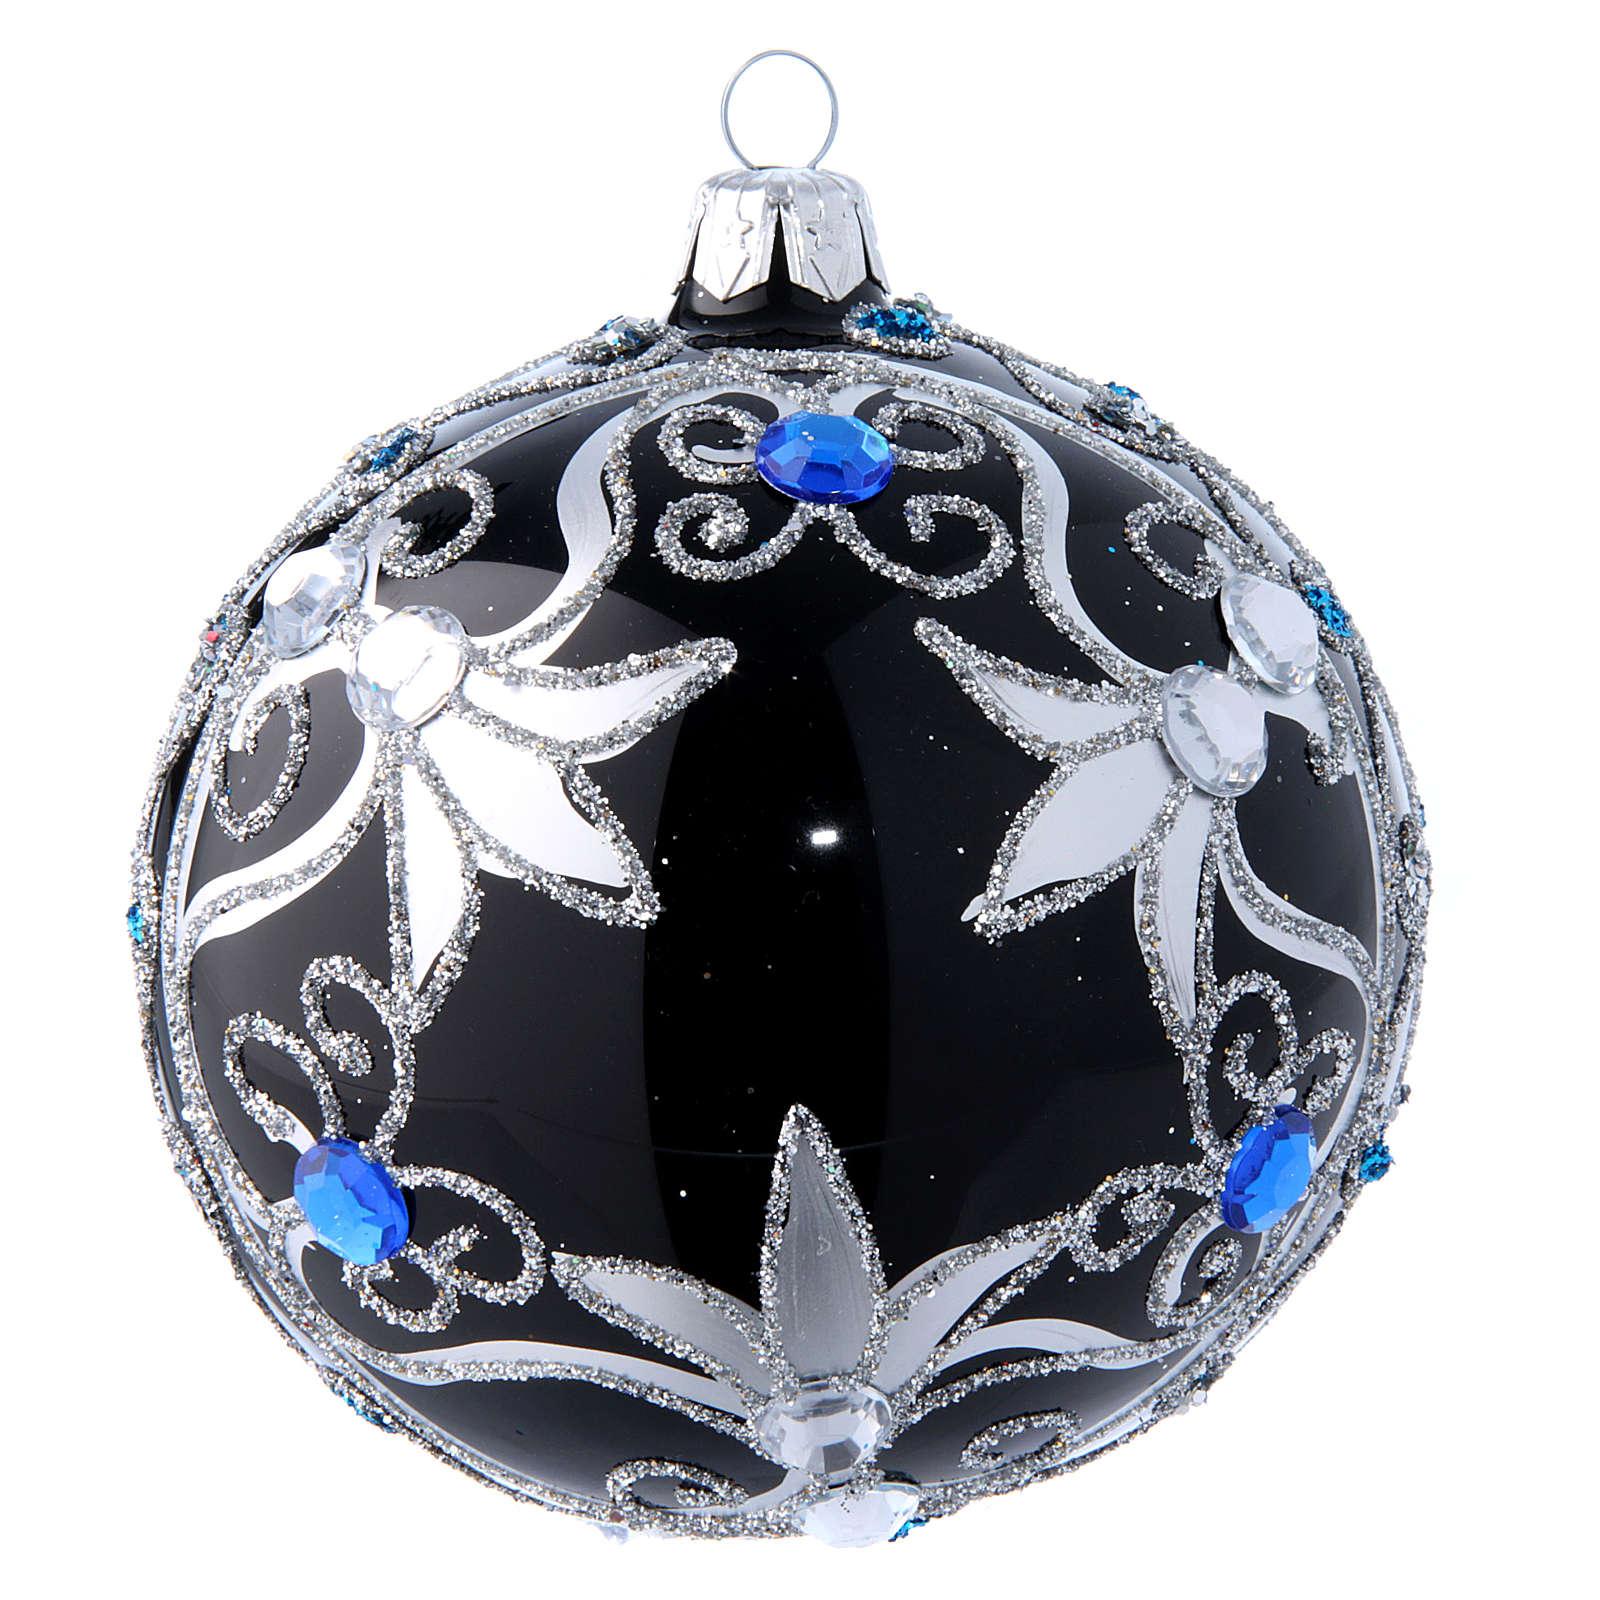 Weihnachtskugel aus Glas Grundton Schwarz mit silbernen Verzierungen 100 mm 4